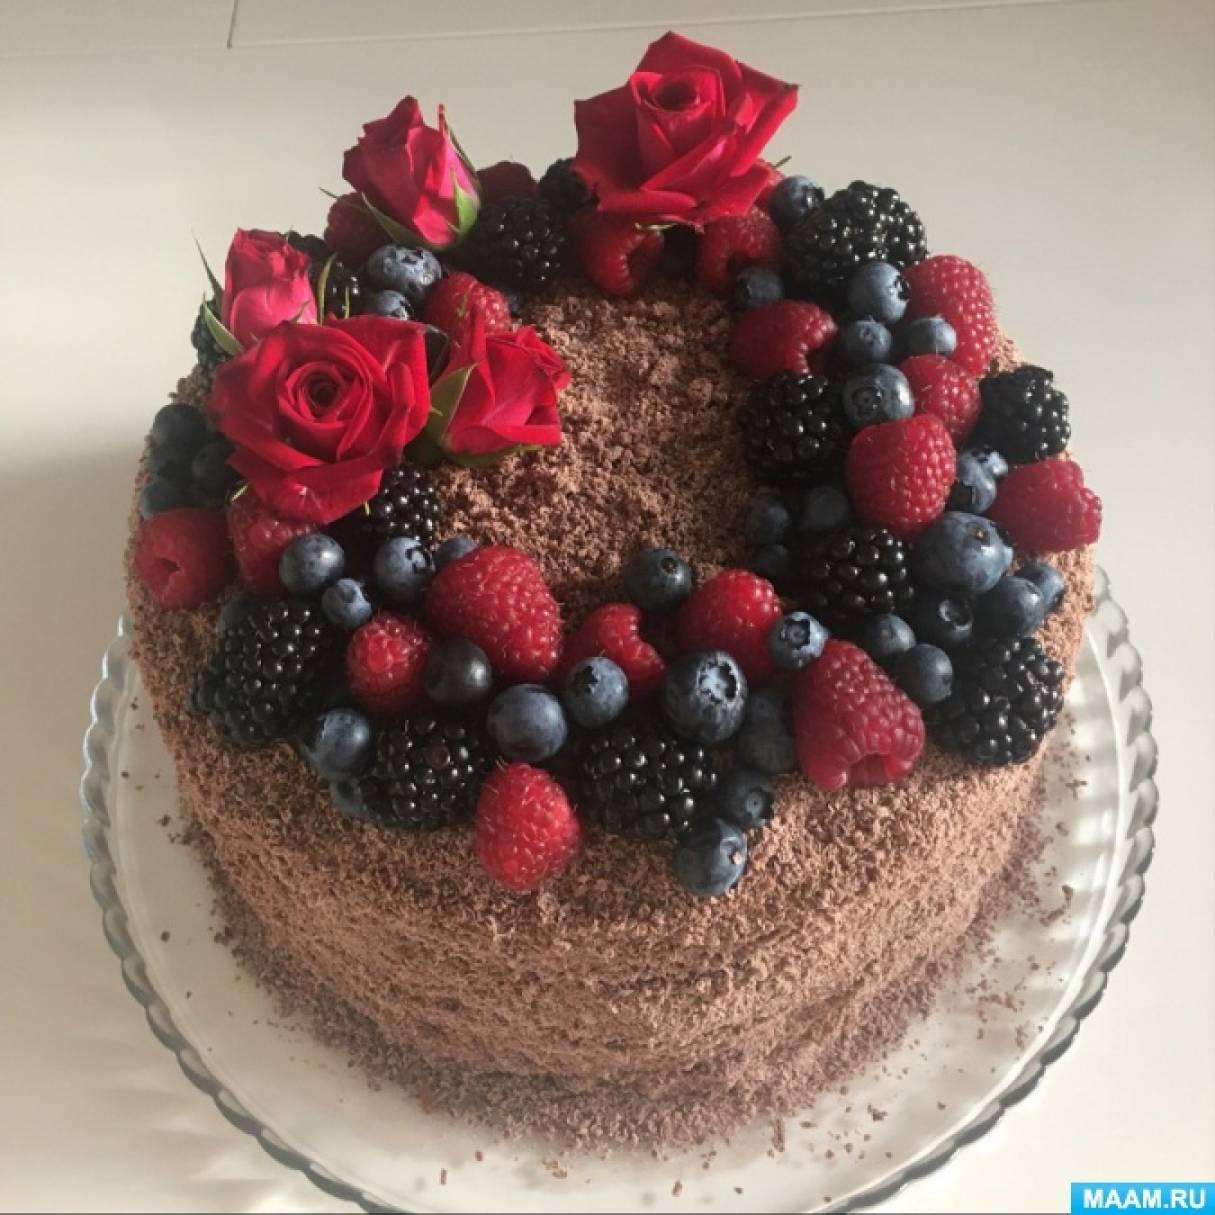 Рецепт «Шоколадный торт»